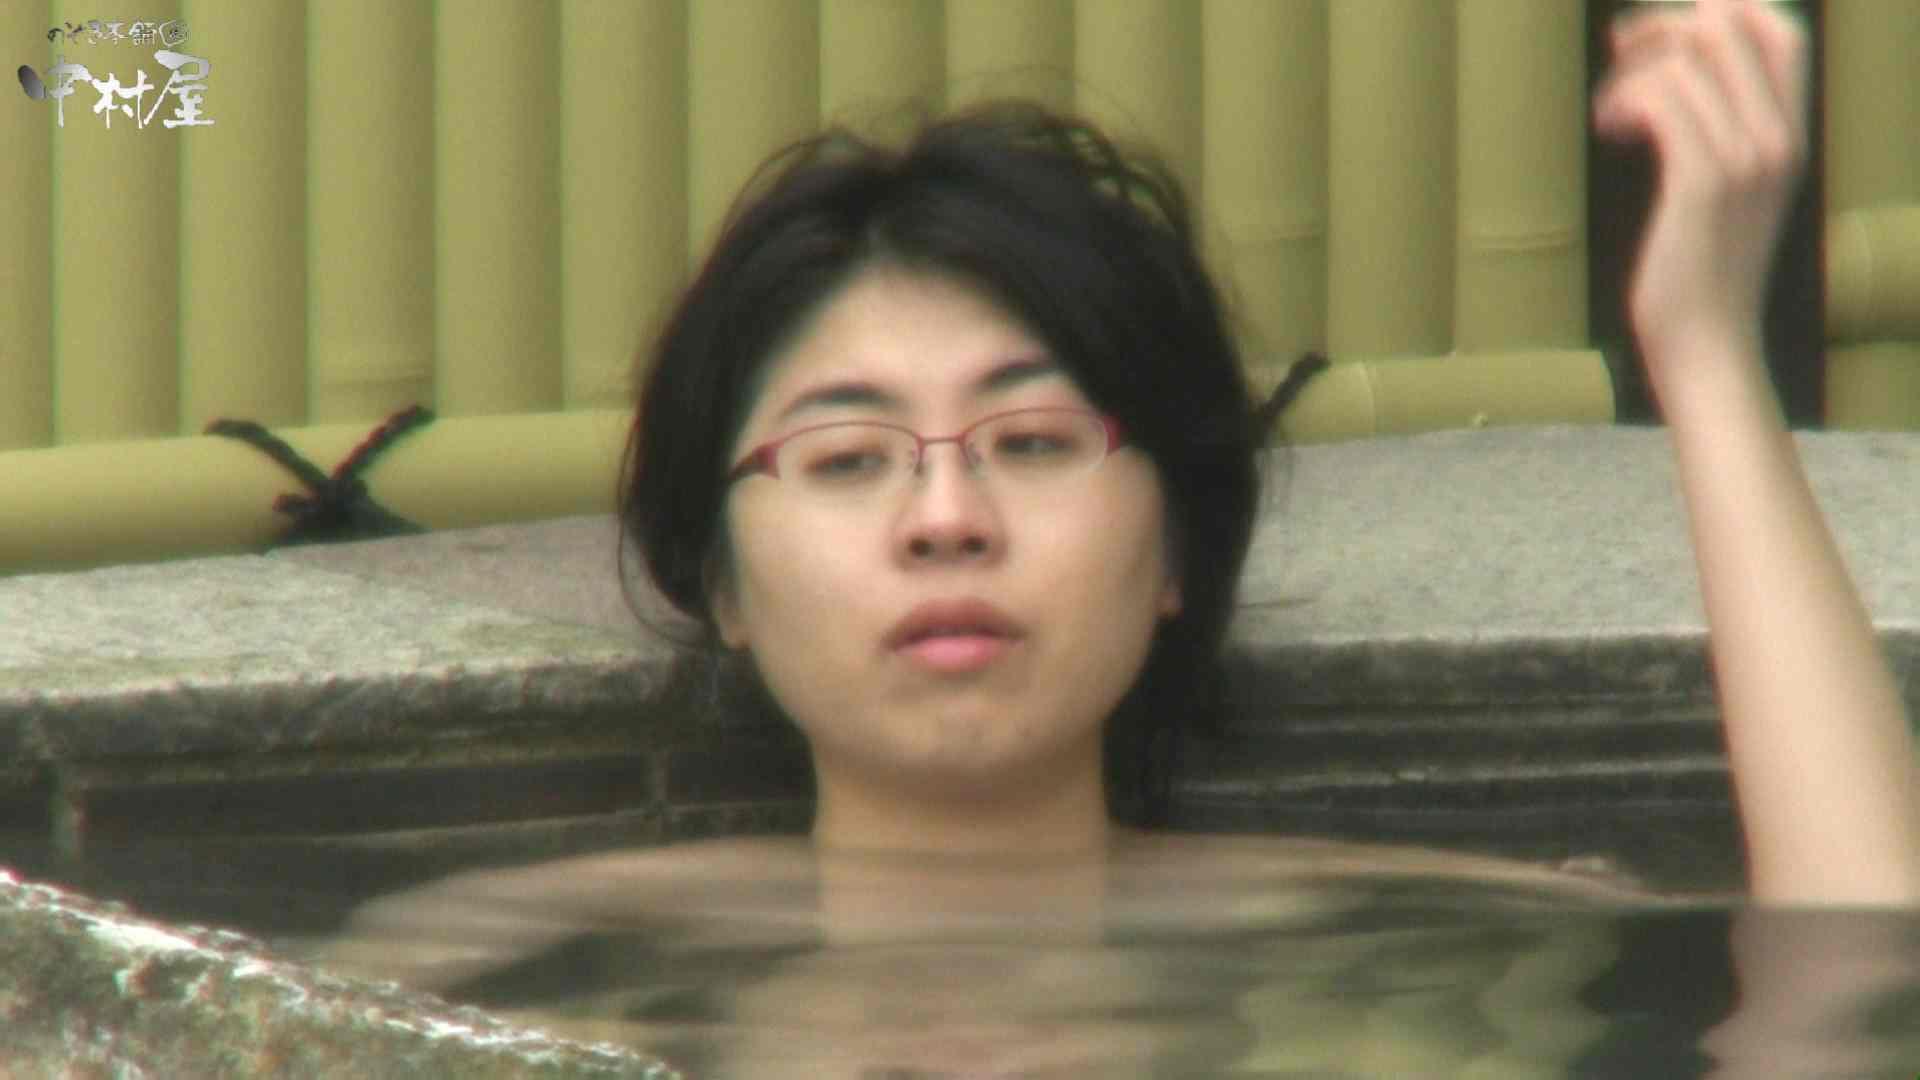 Aquaな露天風呂Vol.947 OLハメ撮り  61Pix 32